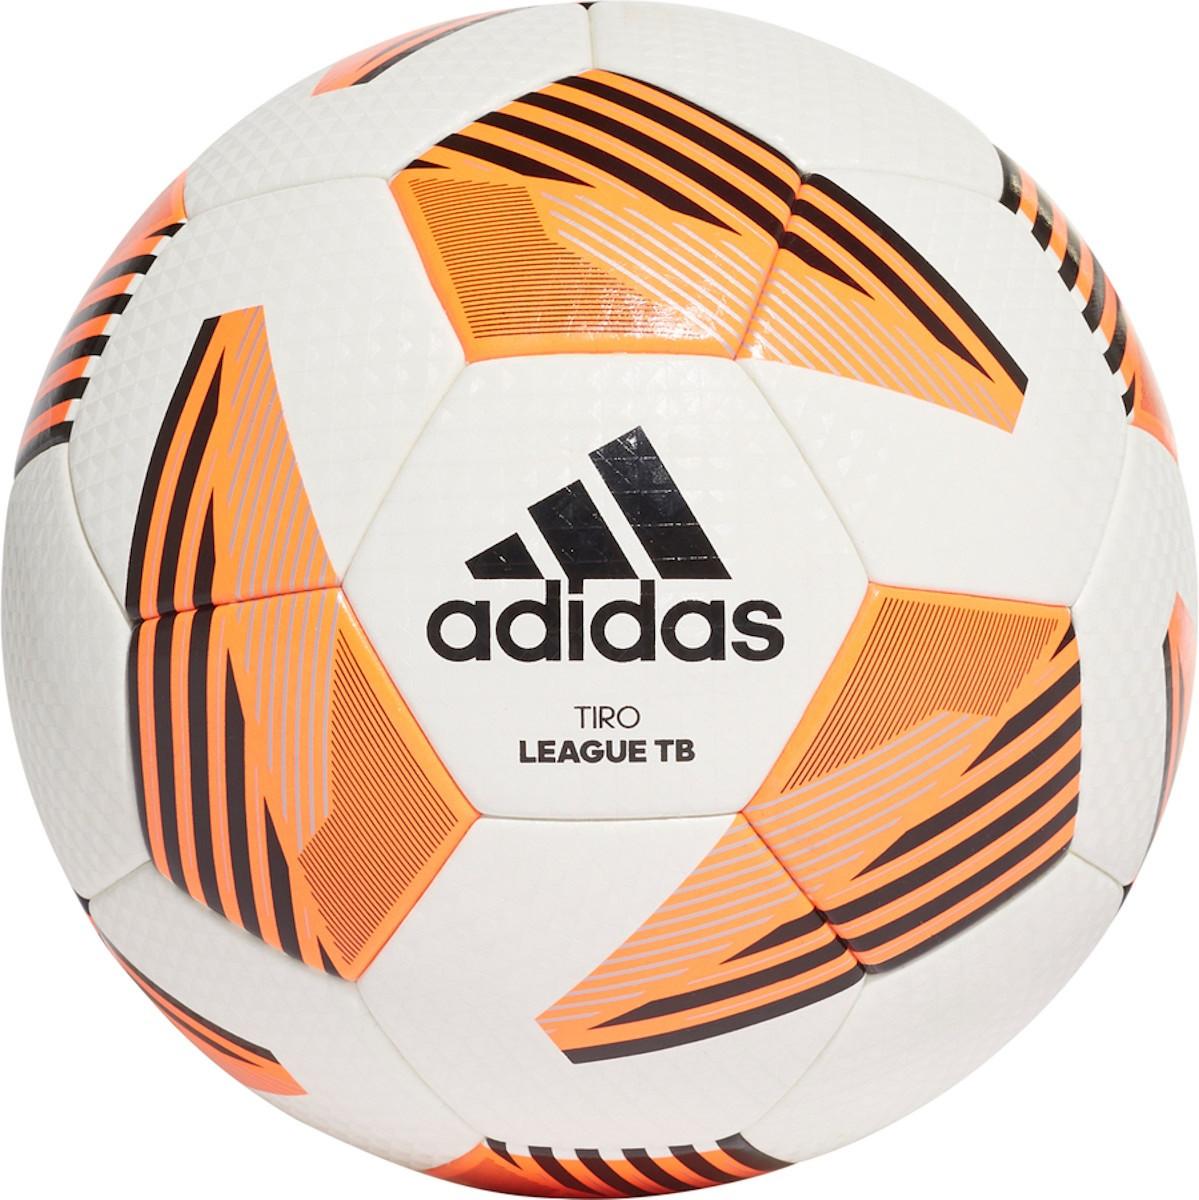 Футбольный мяч Adidas TIRO League TB (5) FS0374